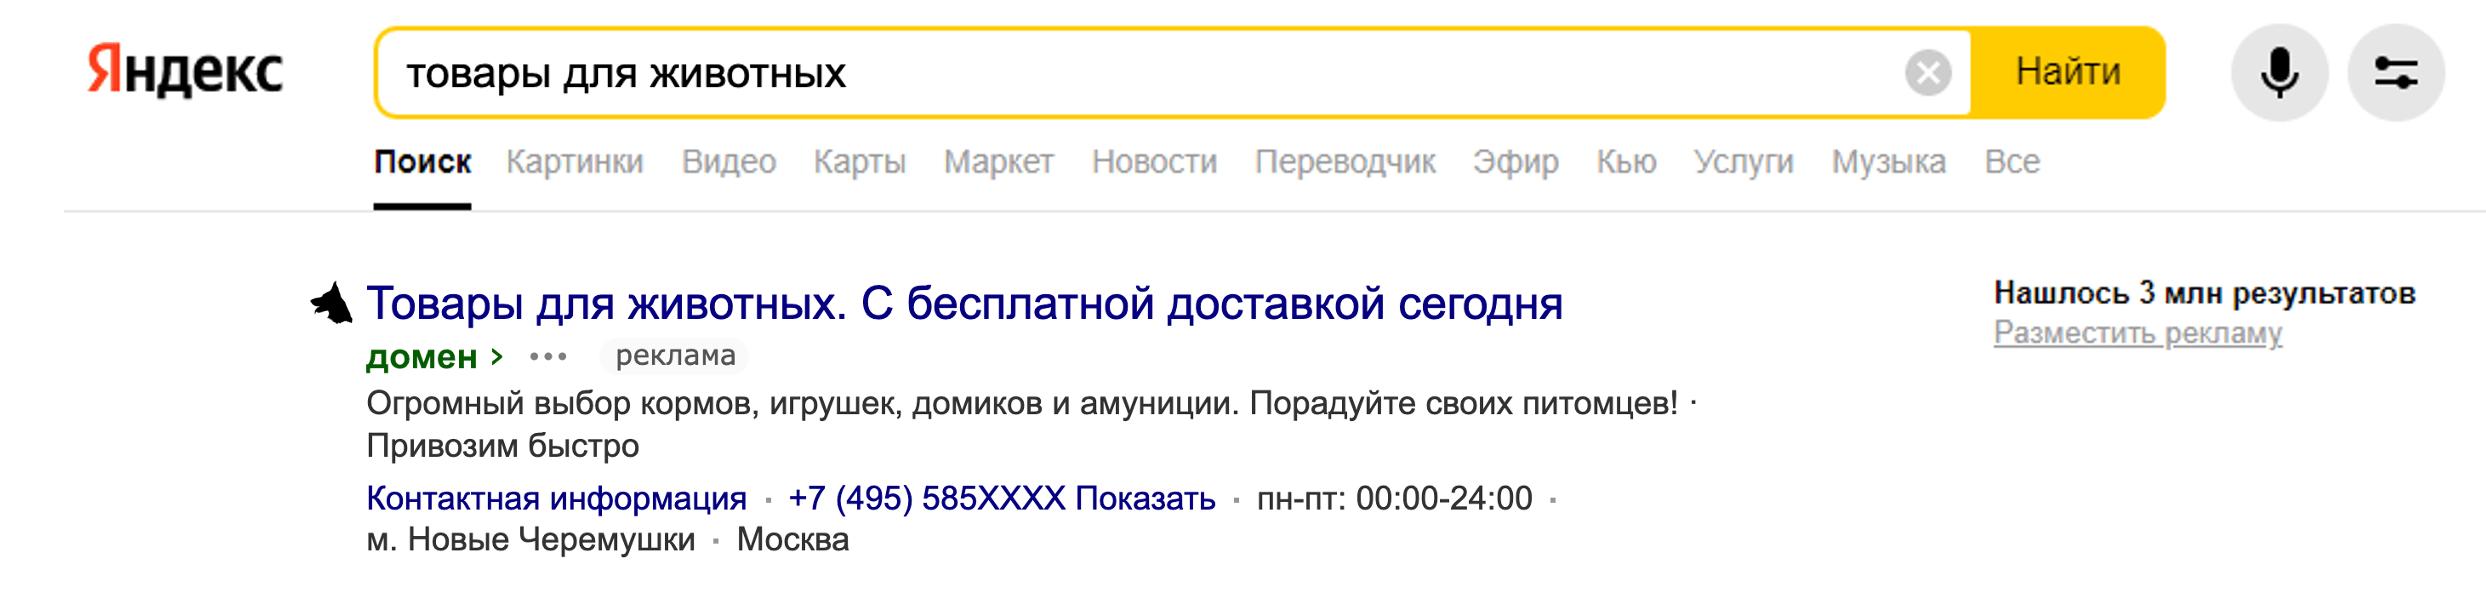 Яндекс.Директ увеличил заголовок рекламы до 56 символов